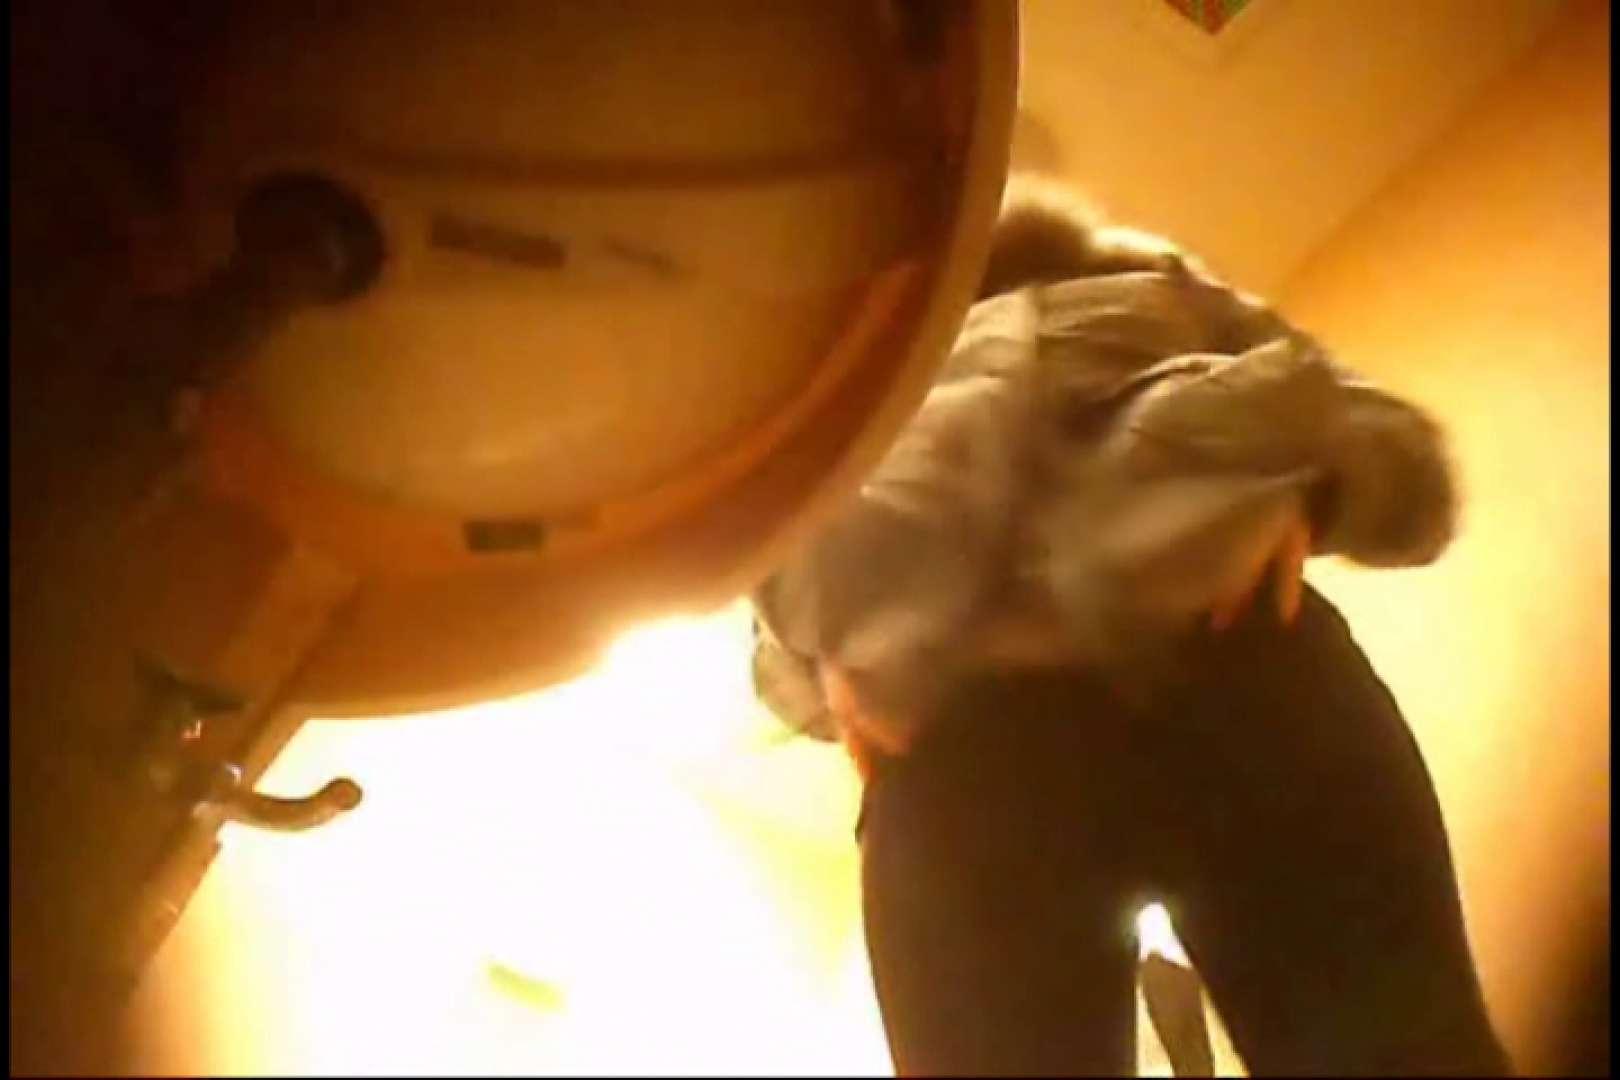 潜入!!女子化粧室盗撮~絶対見られたくない時間~vo,77 超エロお姉さん アダルト動画キャプチャ 108枚 39